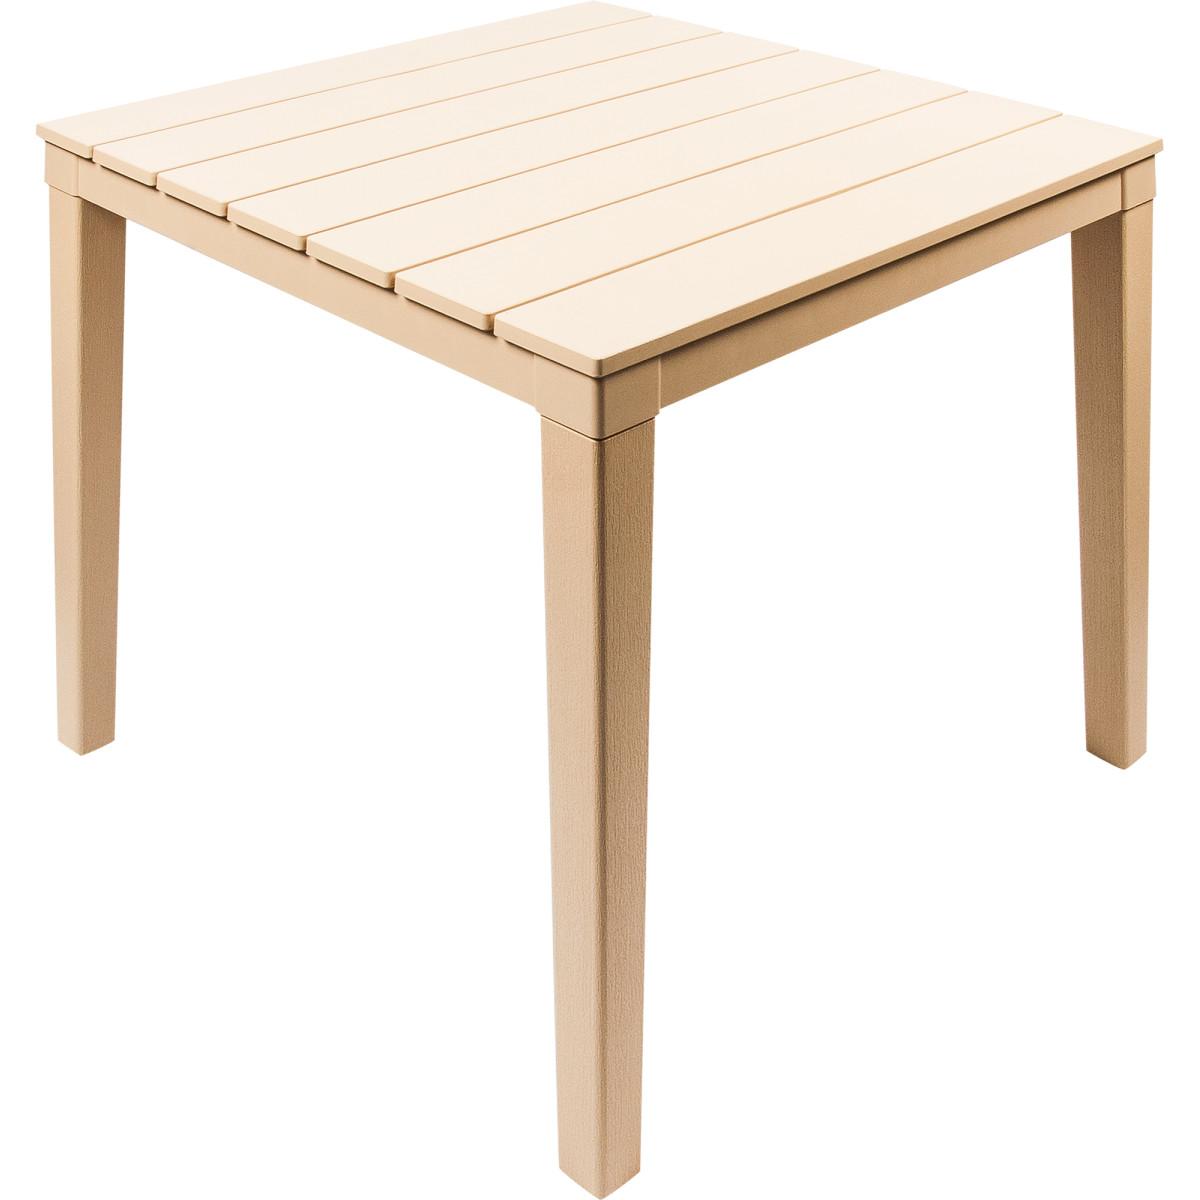 Стол садовый квадратный Прованс 83х83х82 см цвет бежевый